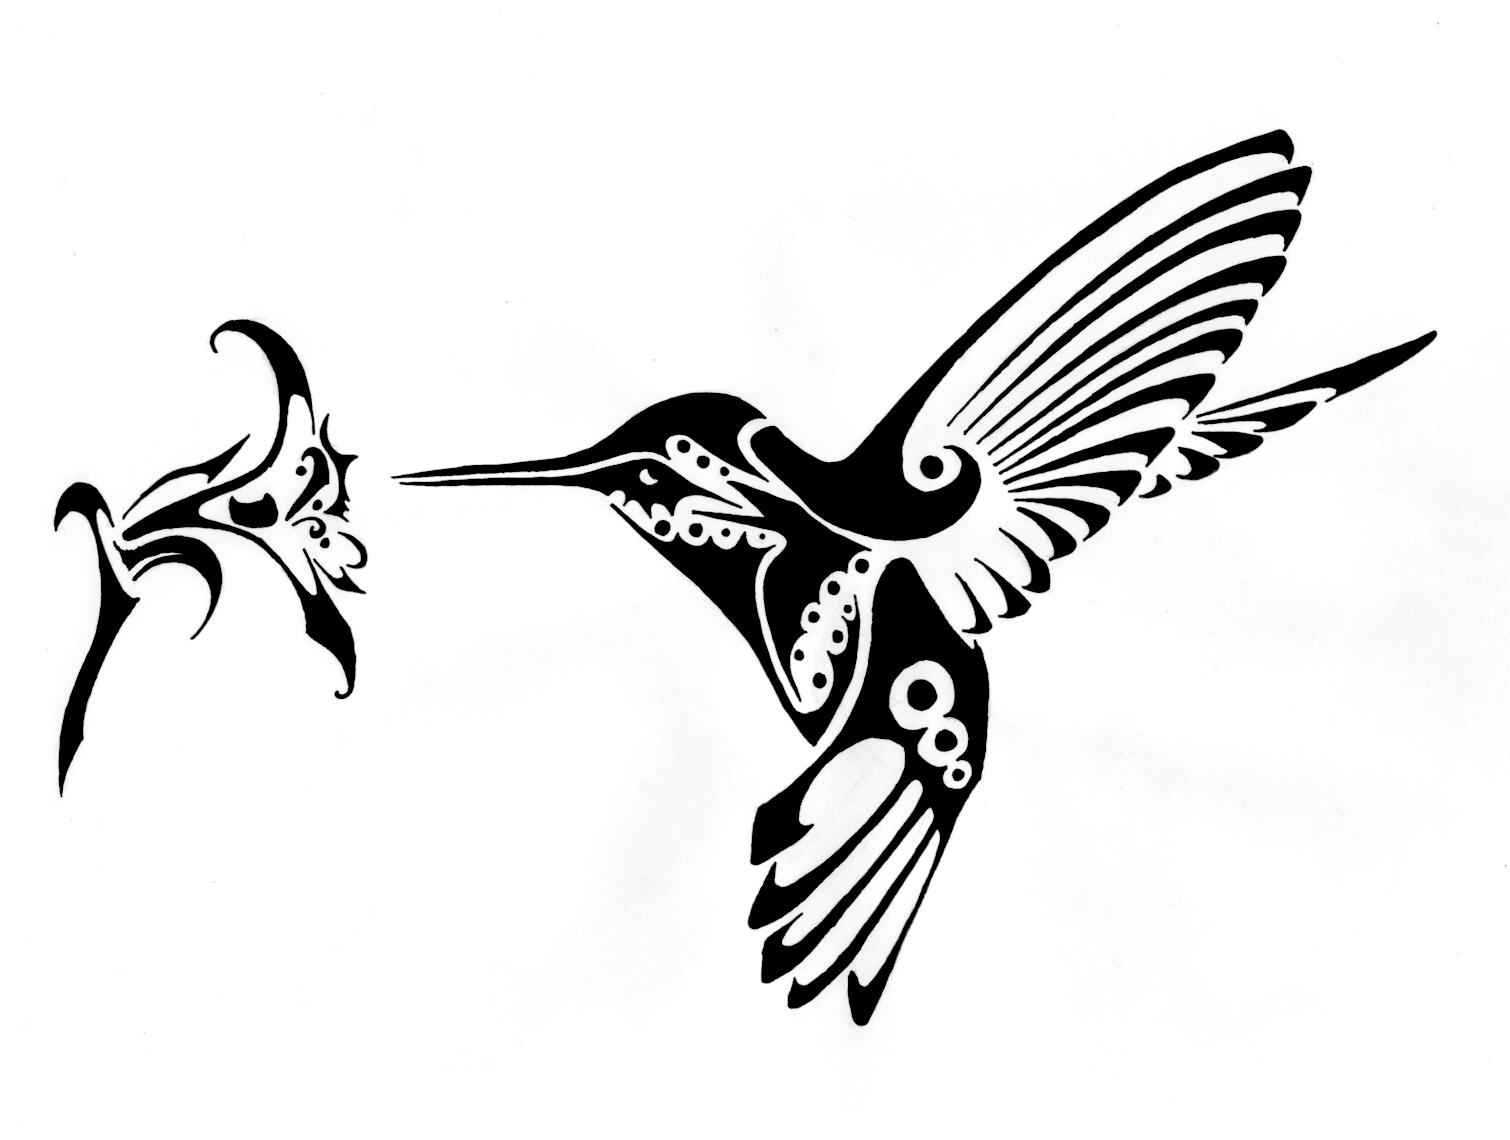 Drawn hummingbird phoenix Net/fs24/f/2007/356/6/3 http://fc02 http://fc02  Hummingbird